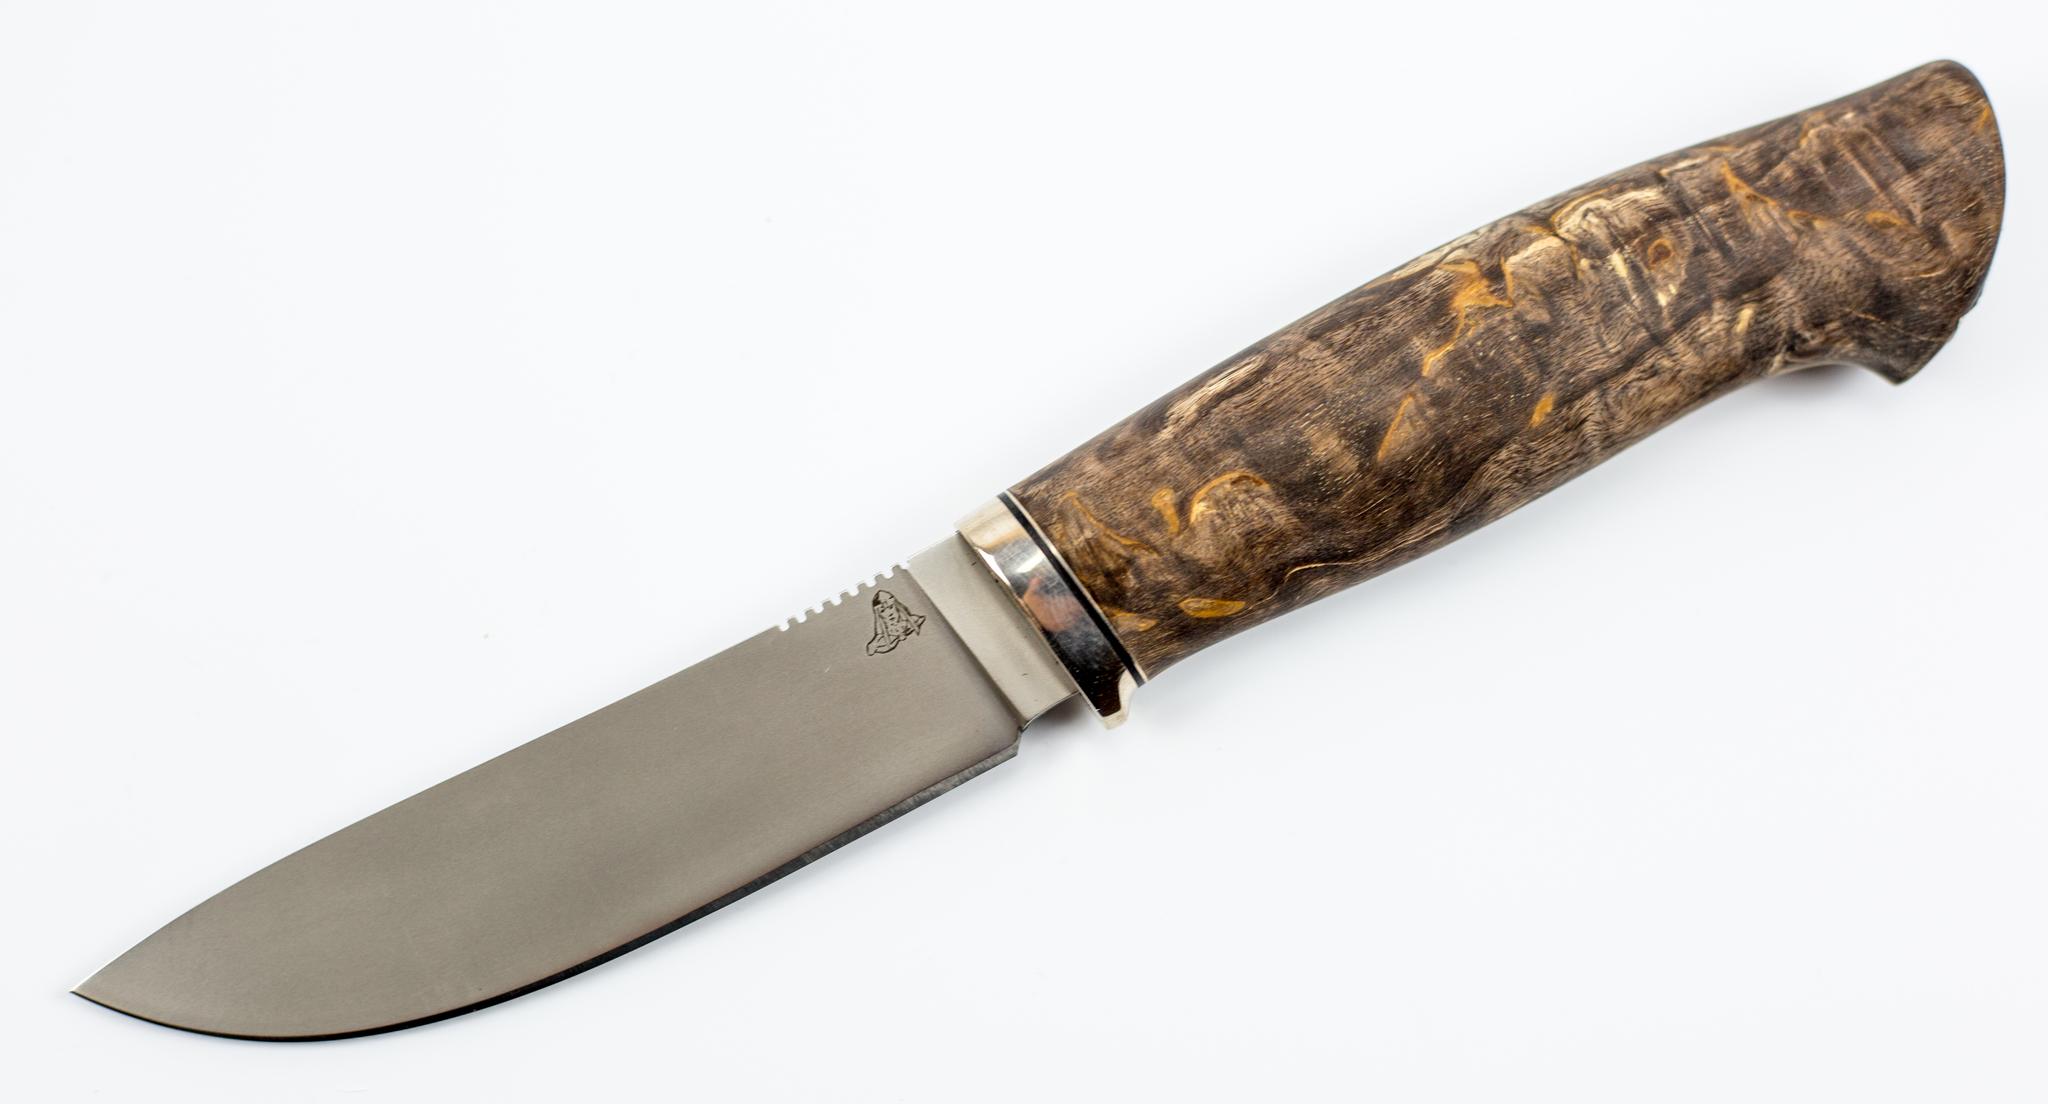 Нож Скинер, CPM S110V, карельская береза от ПФК Витязь